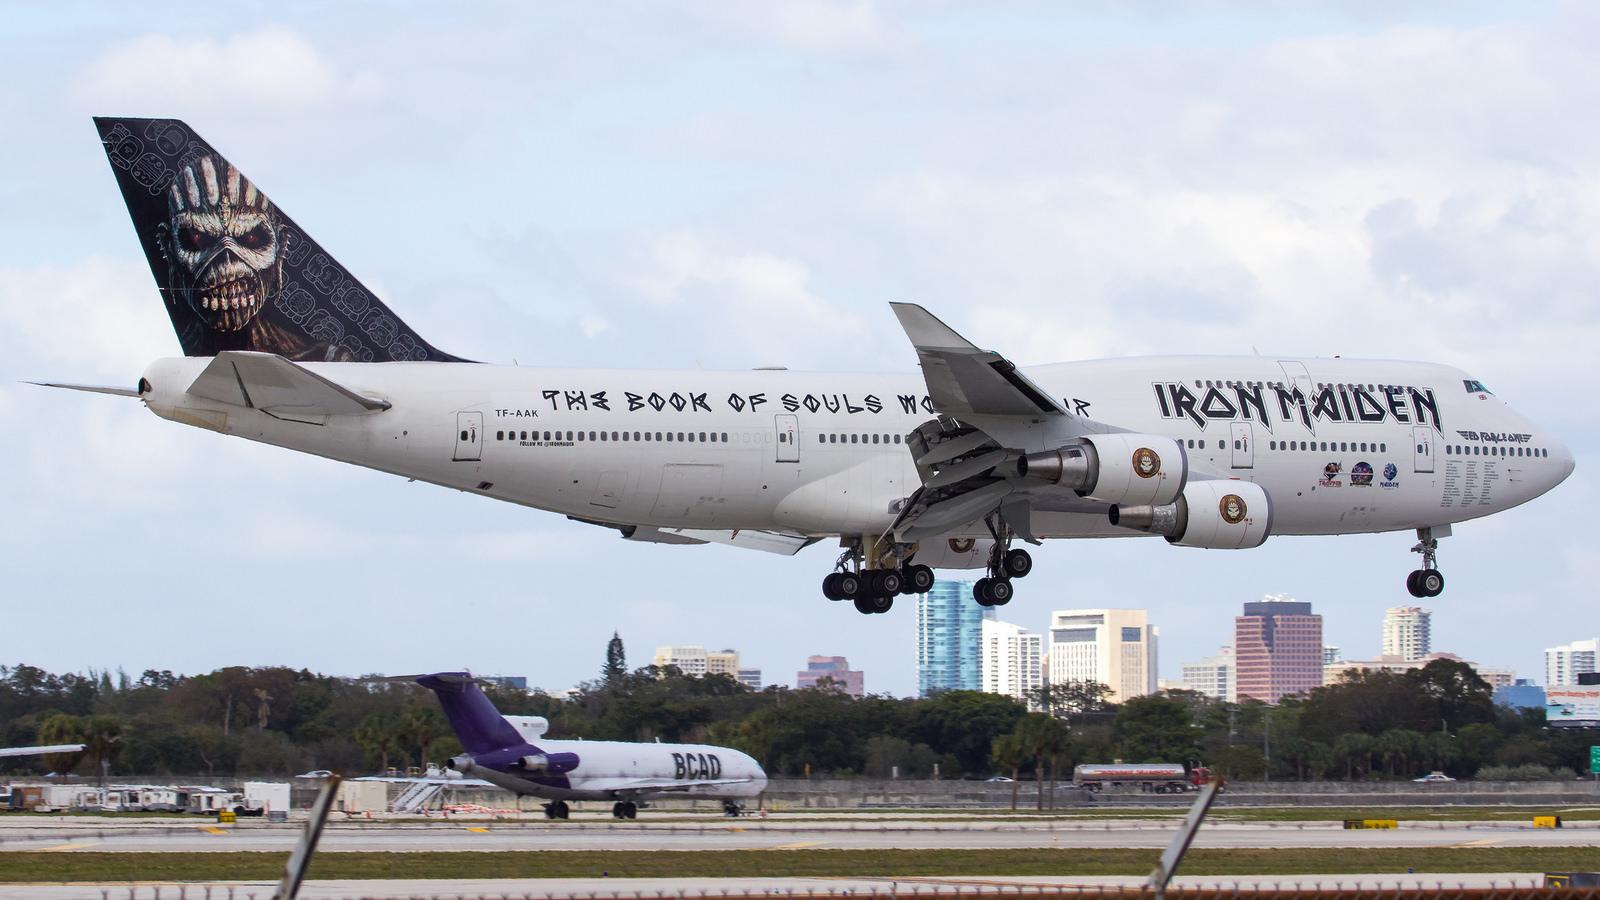 Vídeos Mostram O Interior Do Avião Do Iron Maiden